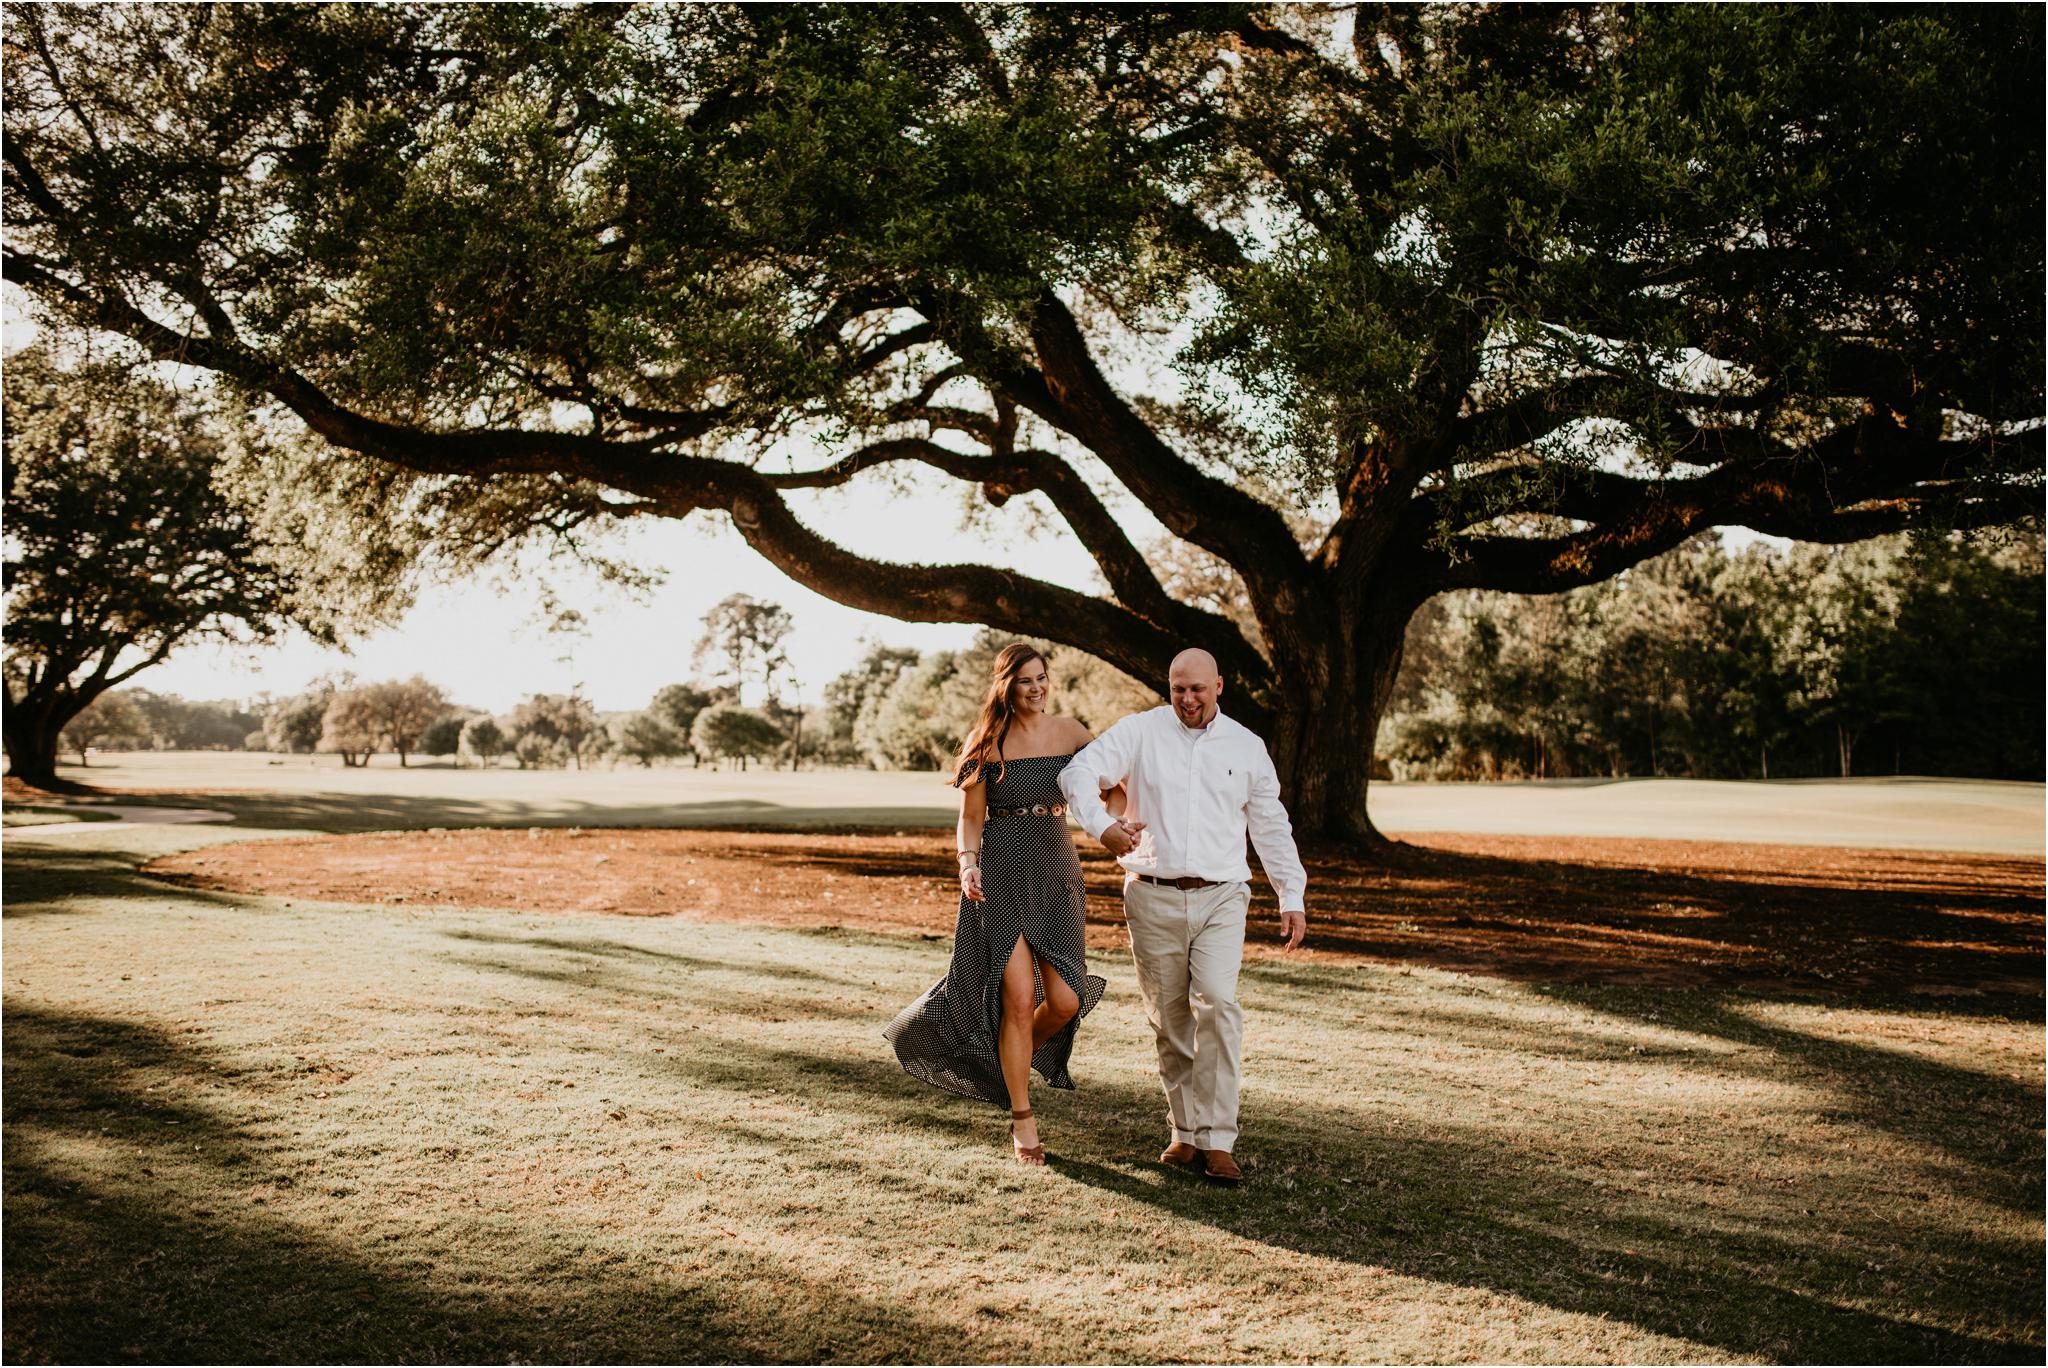 katie-and-eric-houston-oaks-engagement-session-houston-wedding-photographer-017.jpg